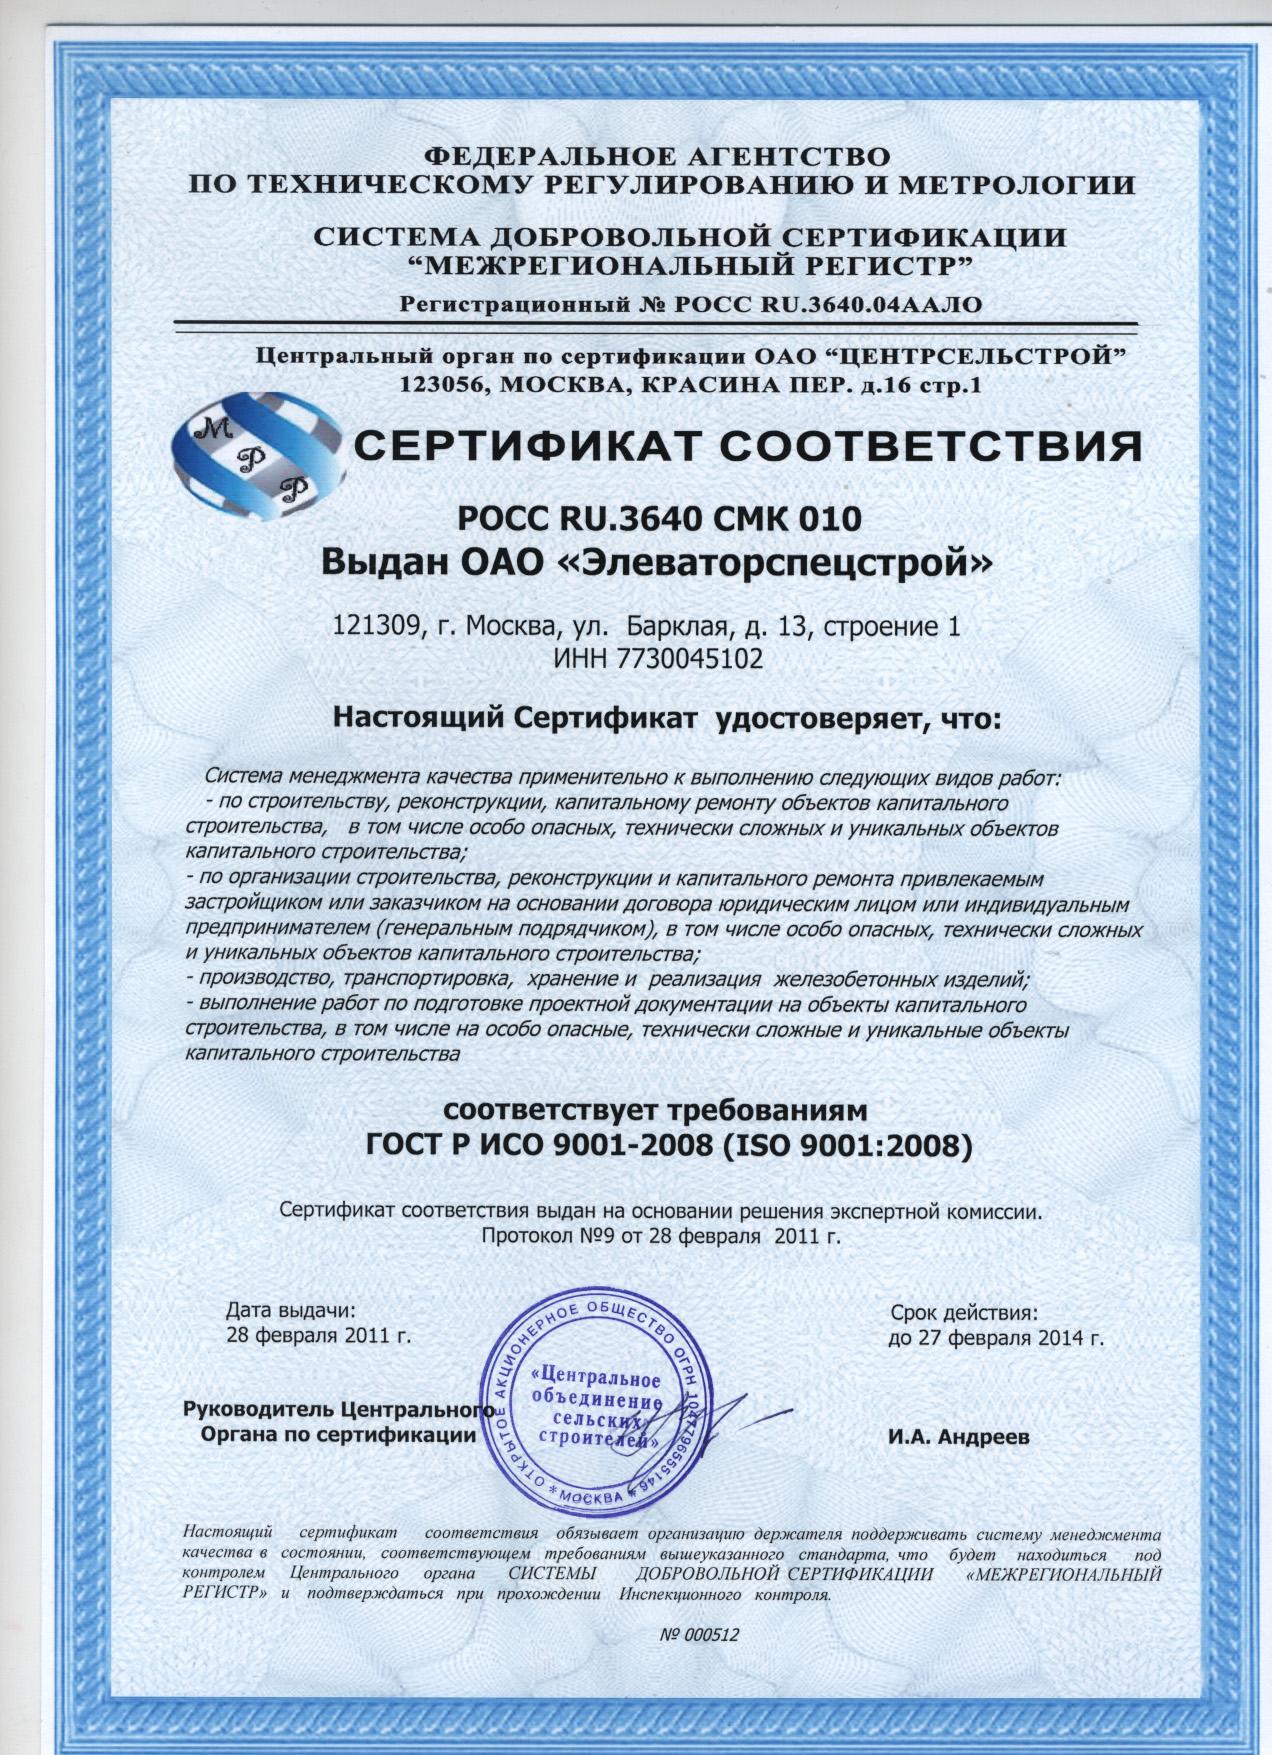 Сертификация систем качества исо 9001 метрология, стандартизация, сертификация для систем пищевой промышленности скачать